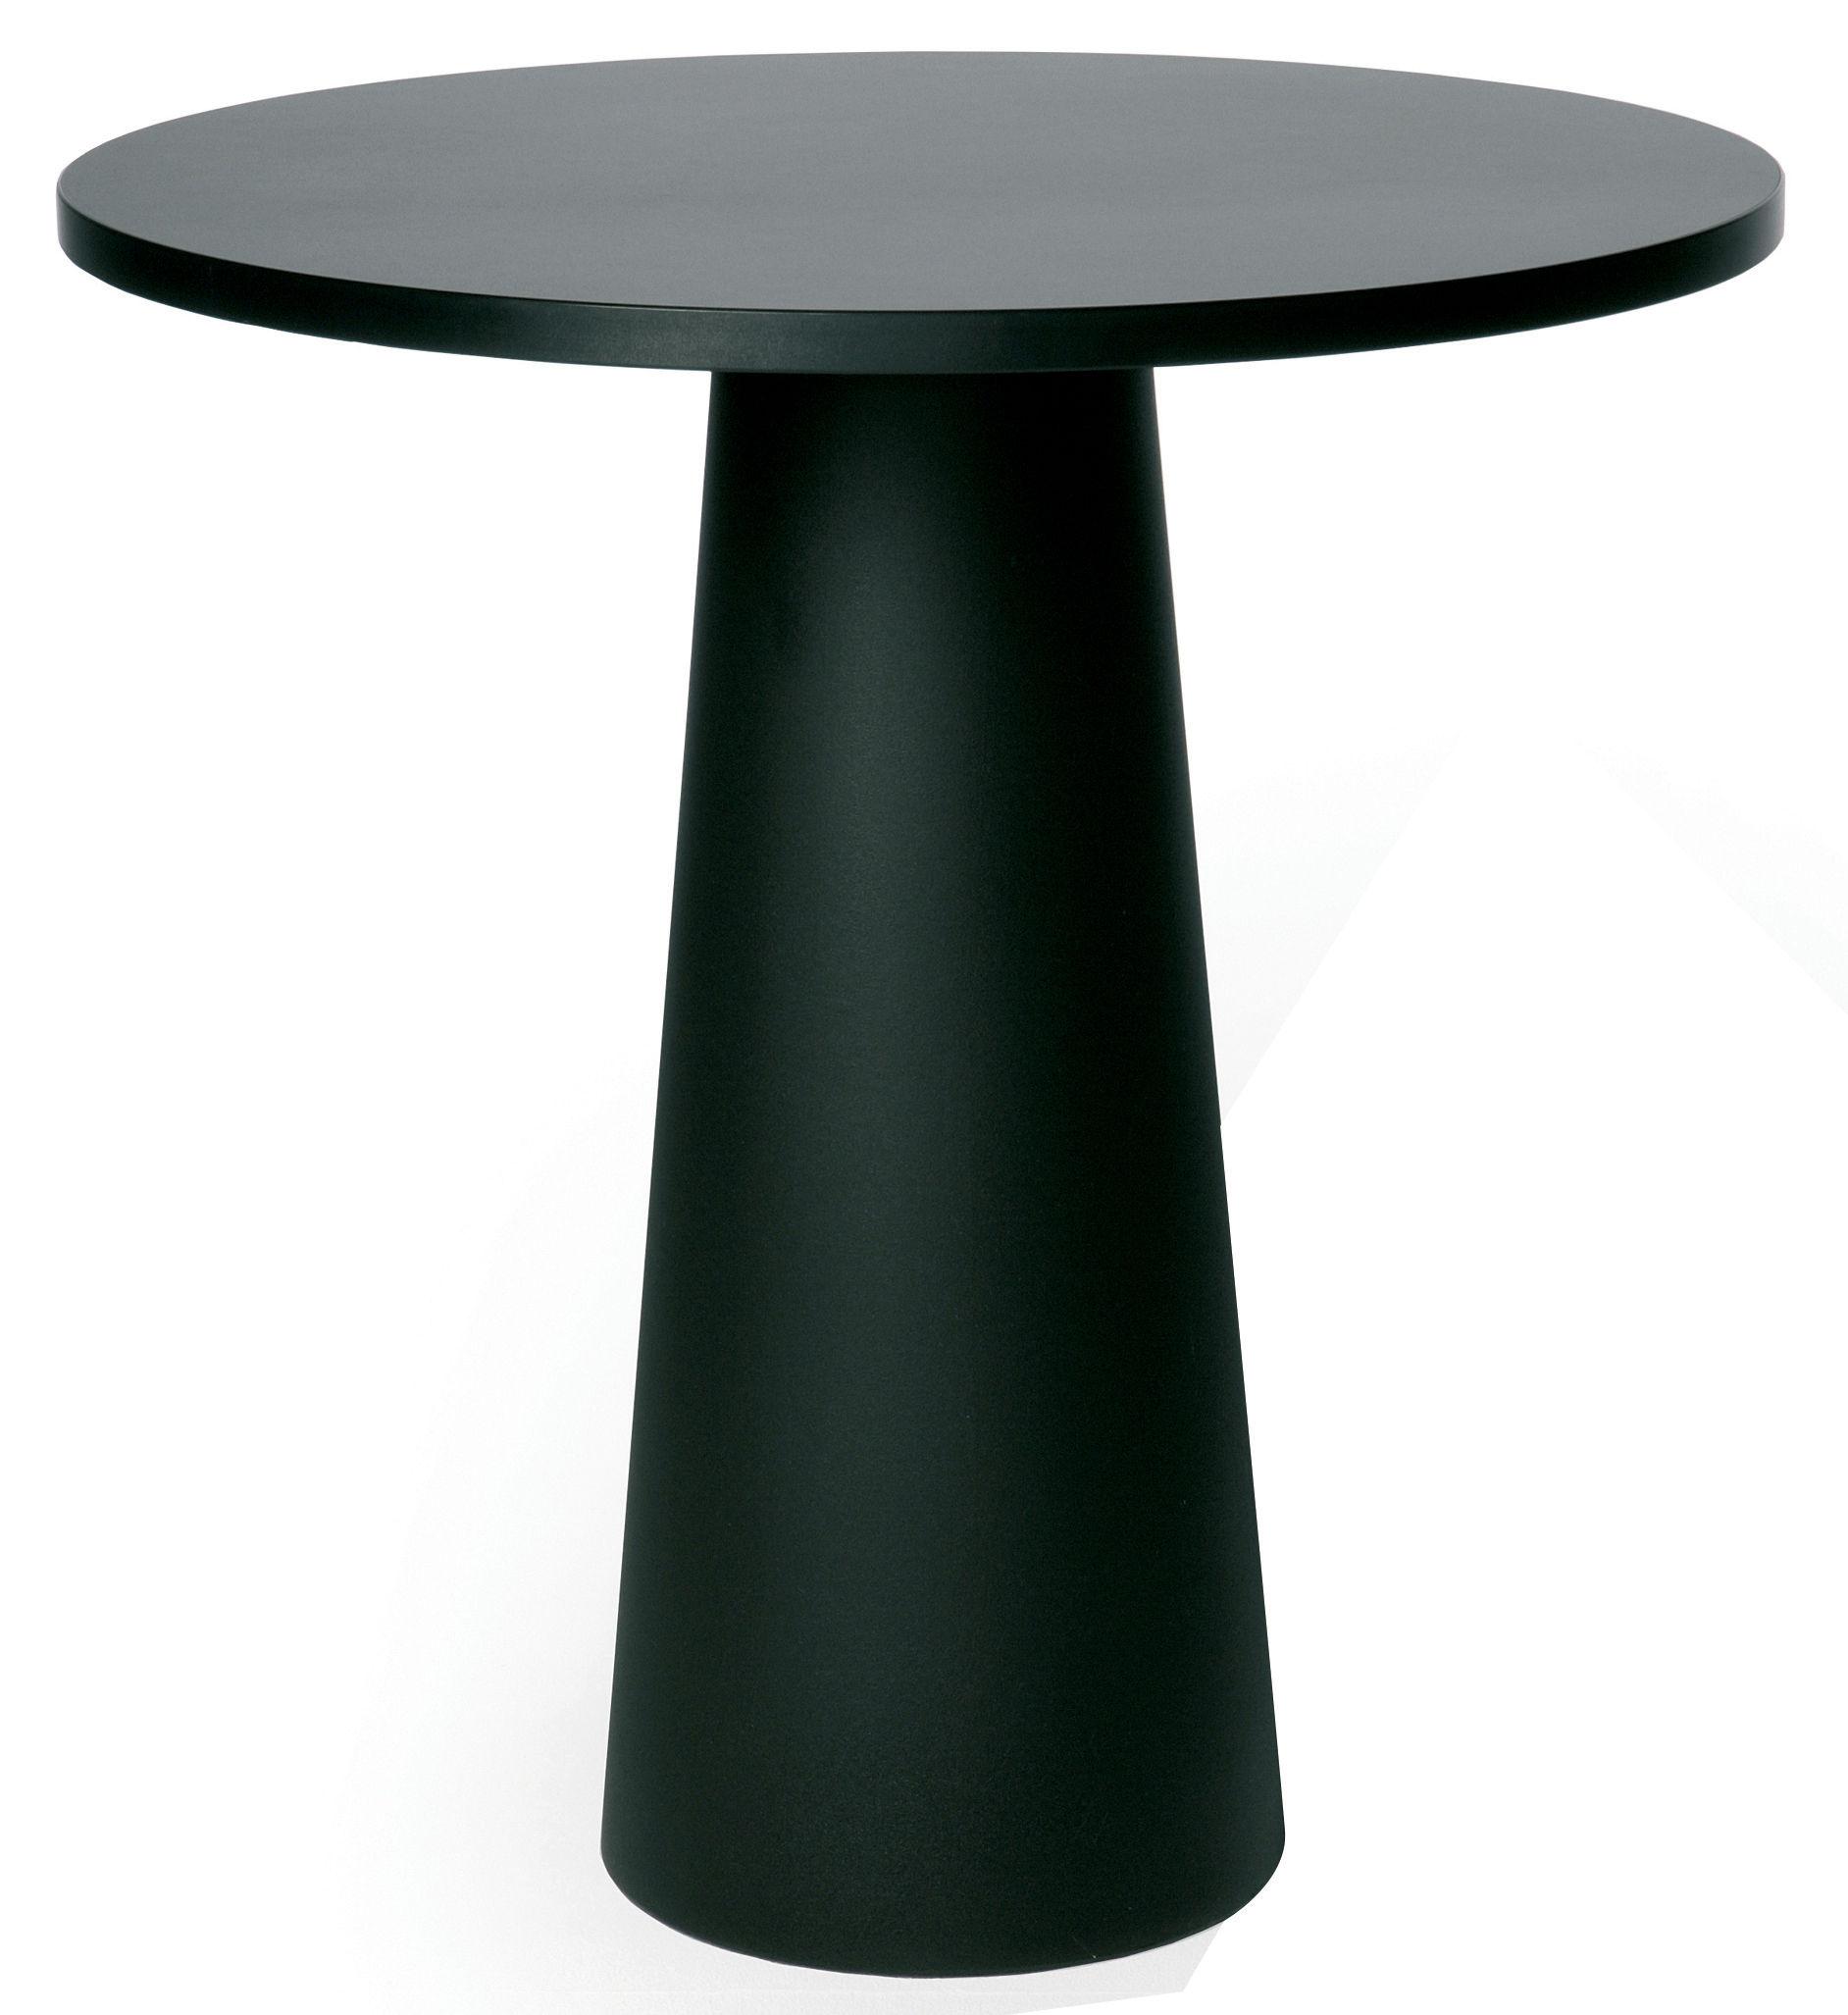 Jardin - Tables de jardin - Pied de table Container / H 70 cm - Pour plateau Ø 70 cm - Moooi - Pied noir Ø 30 x H 70 cm - Polypropylène